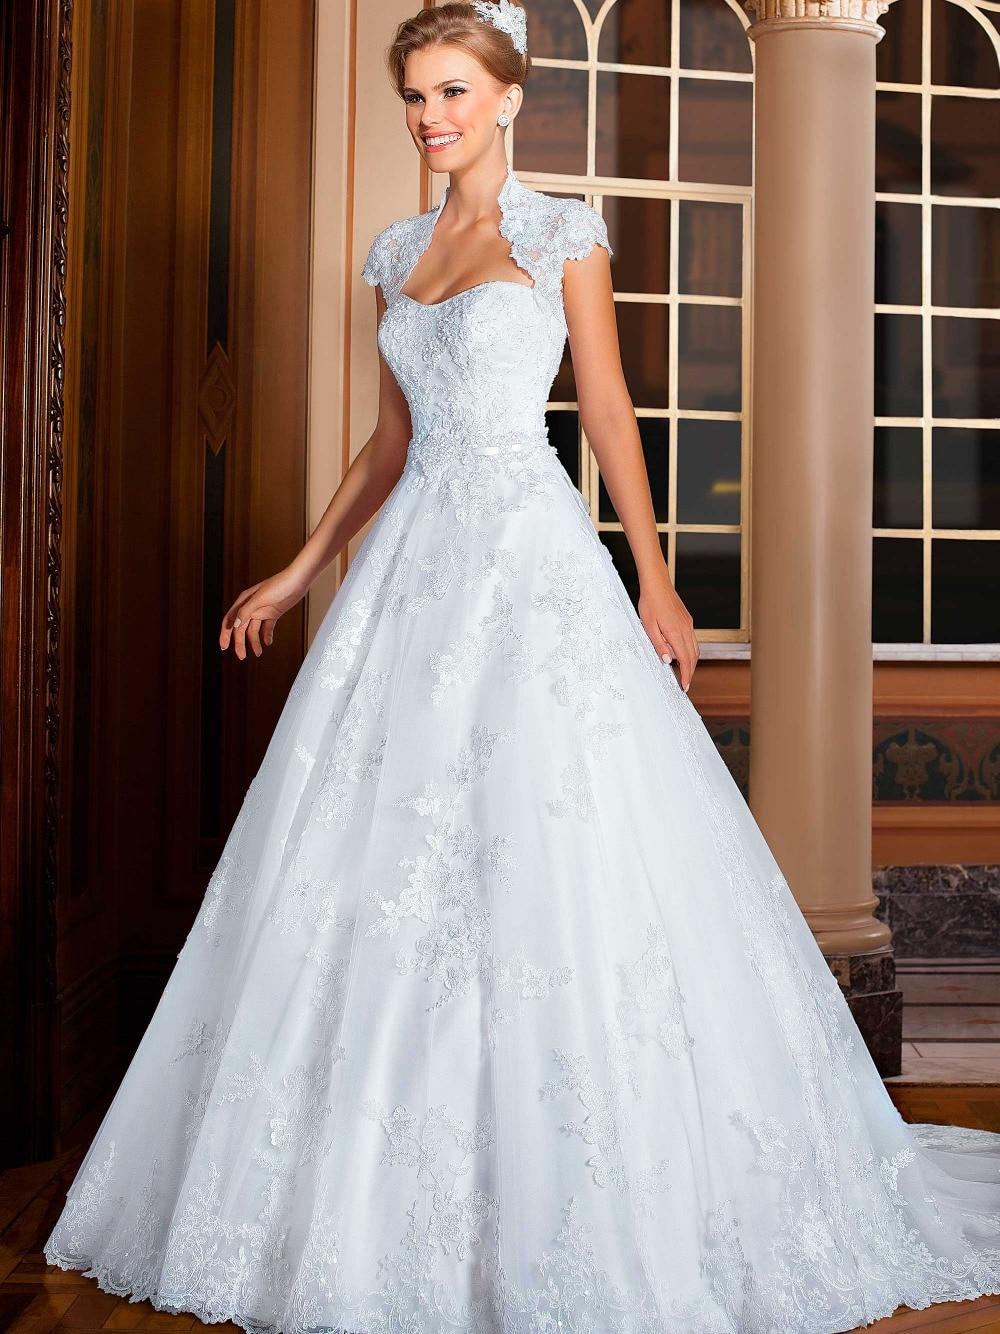 Aliexpress.com : Buy vestido casamento 2015 Sexy Ball Gown Wedding ...